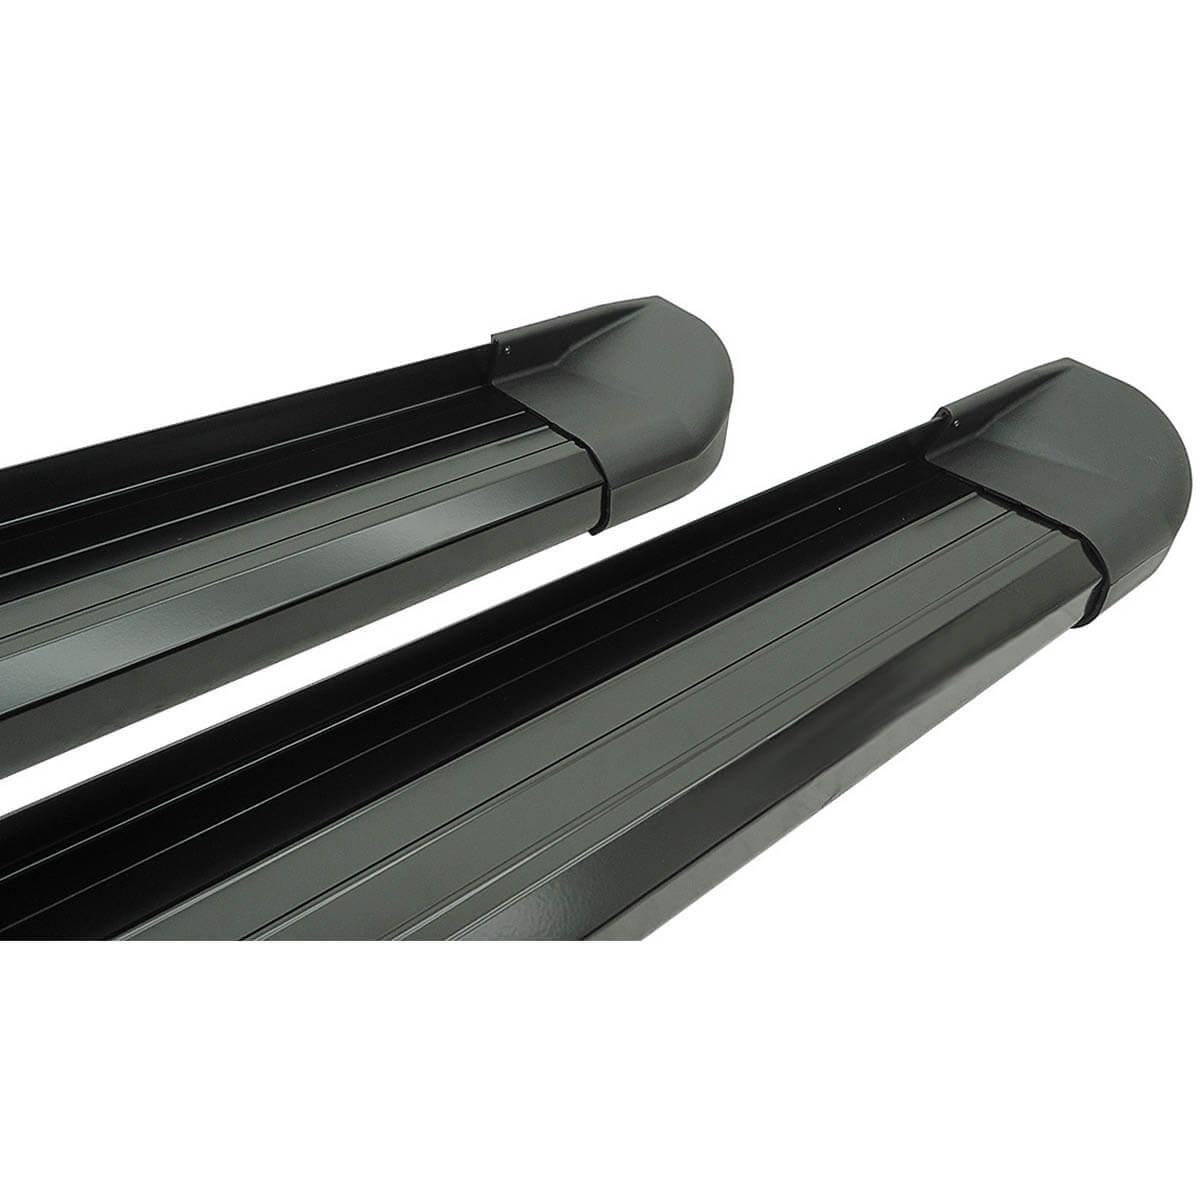 Estribo plataforma alumínio preto IX35 2011 a 2018